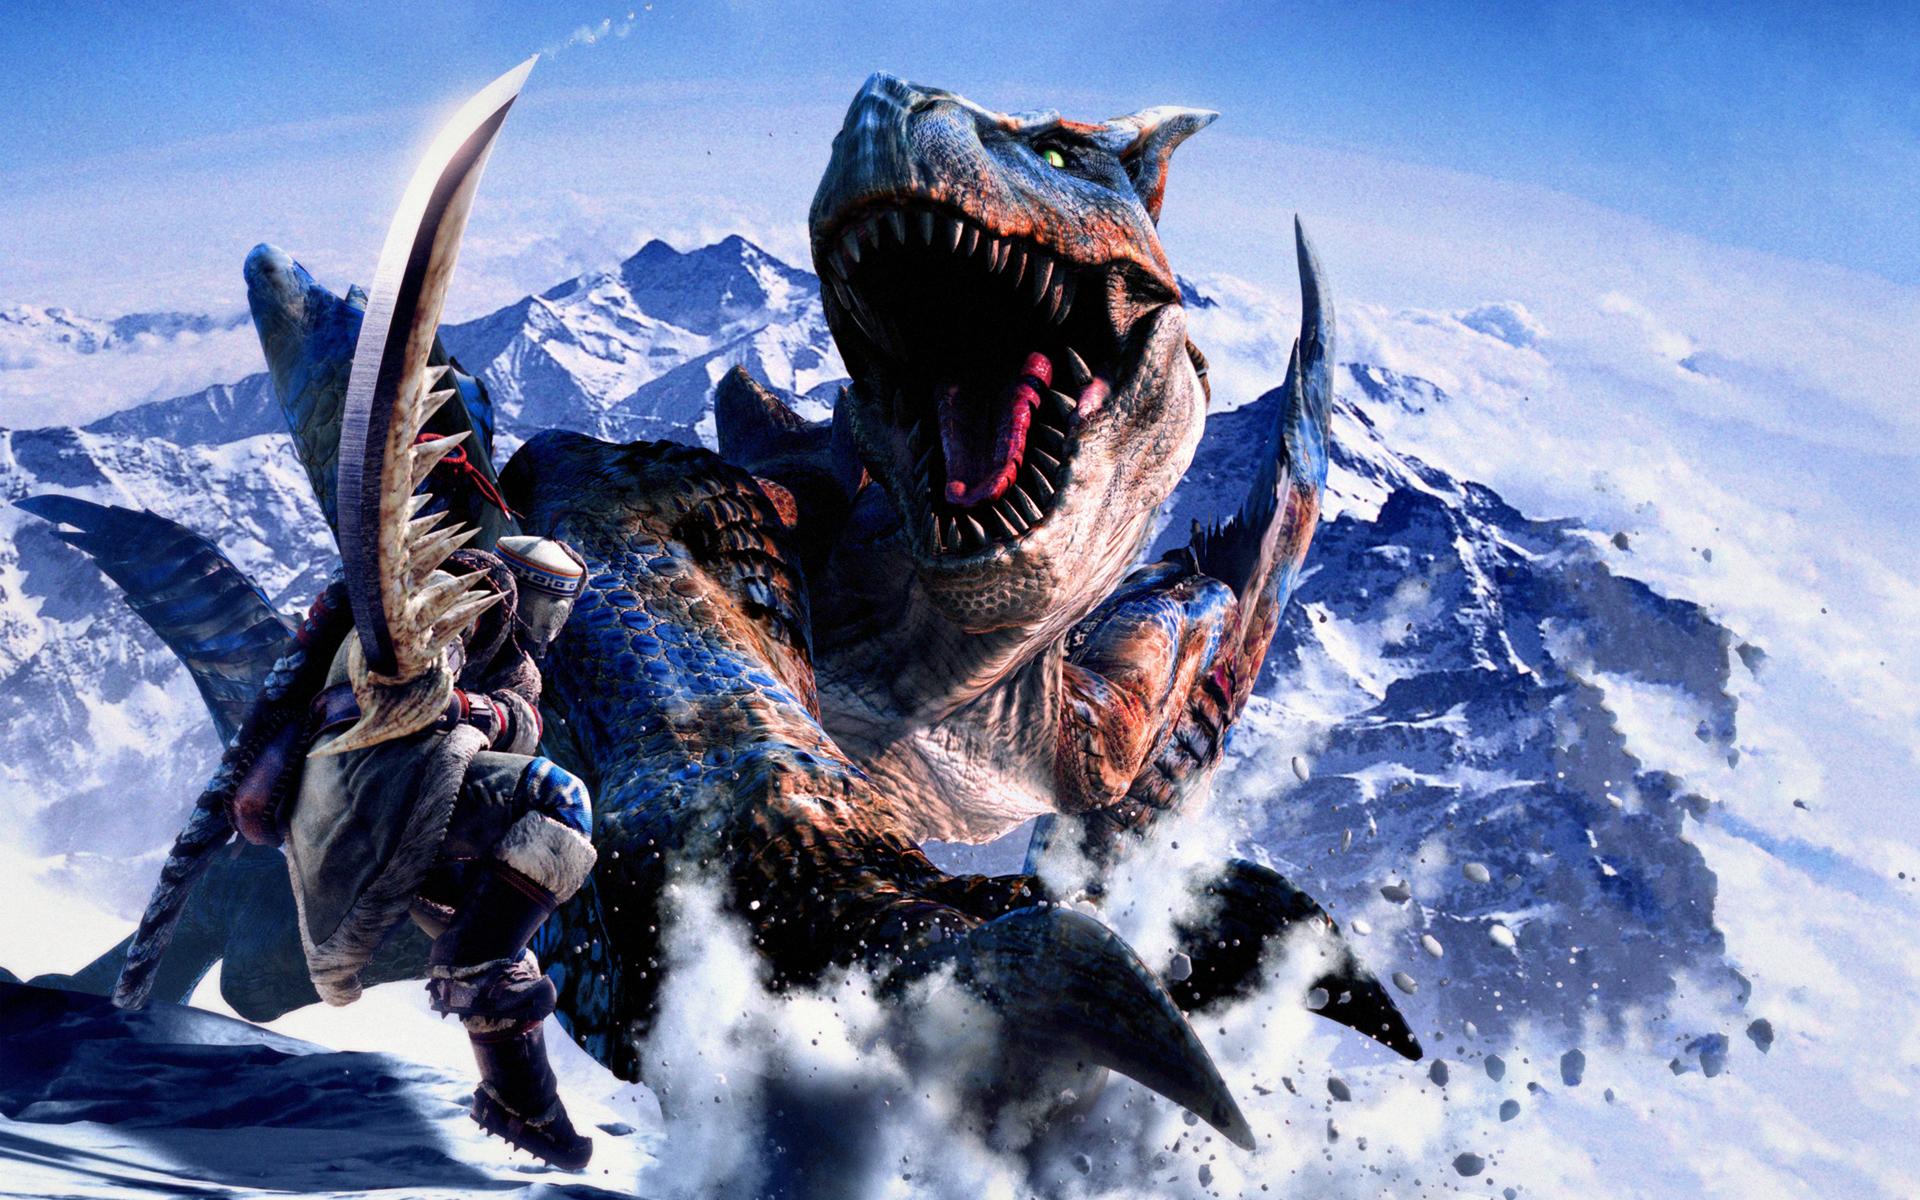 monster hunter world wallpaper 1440p